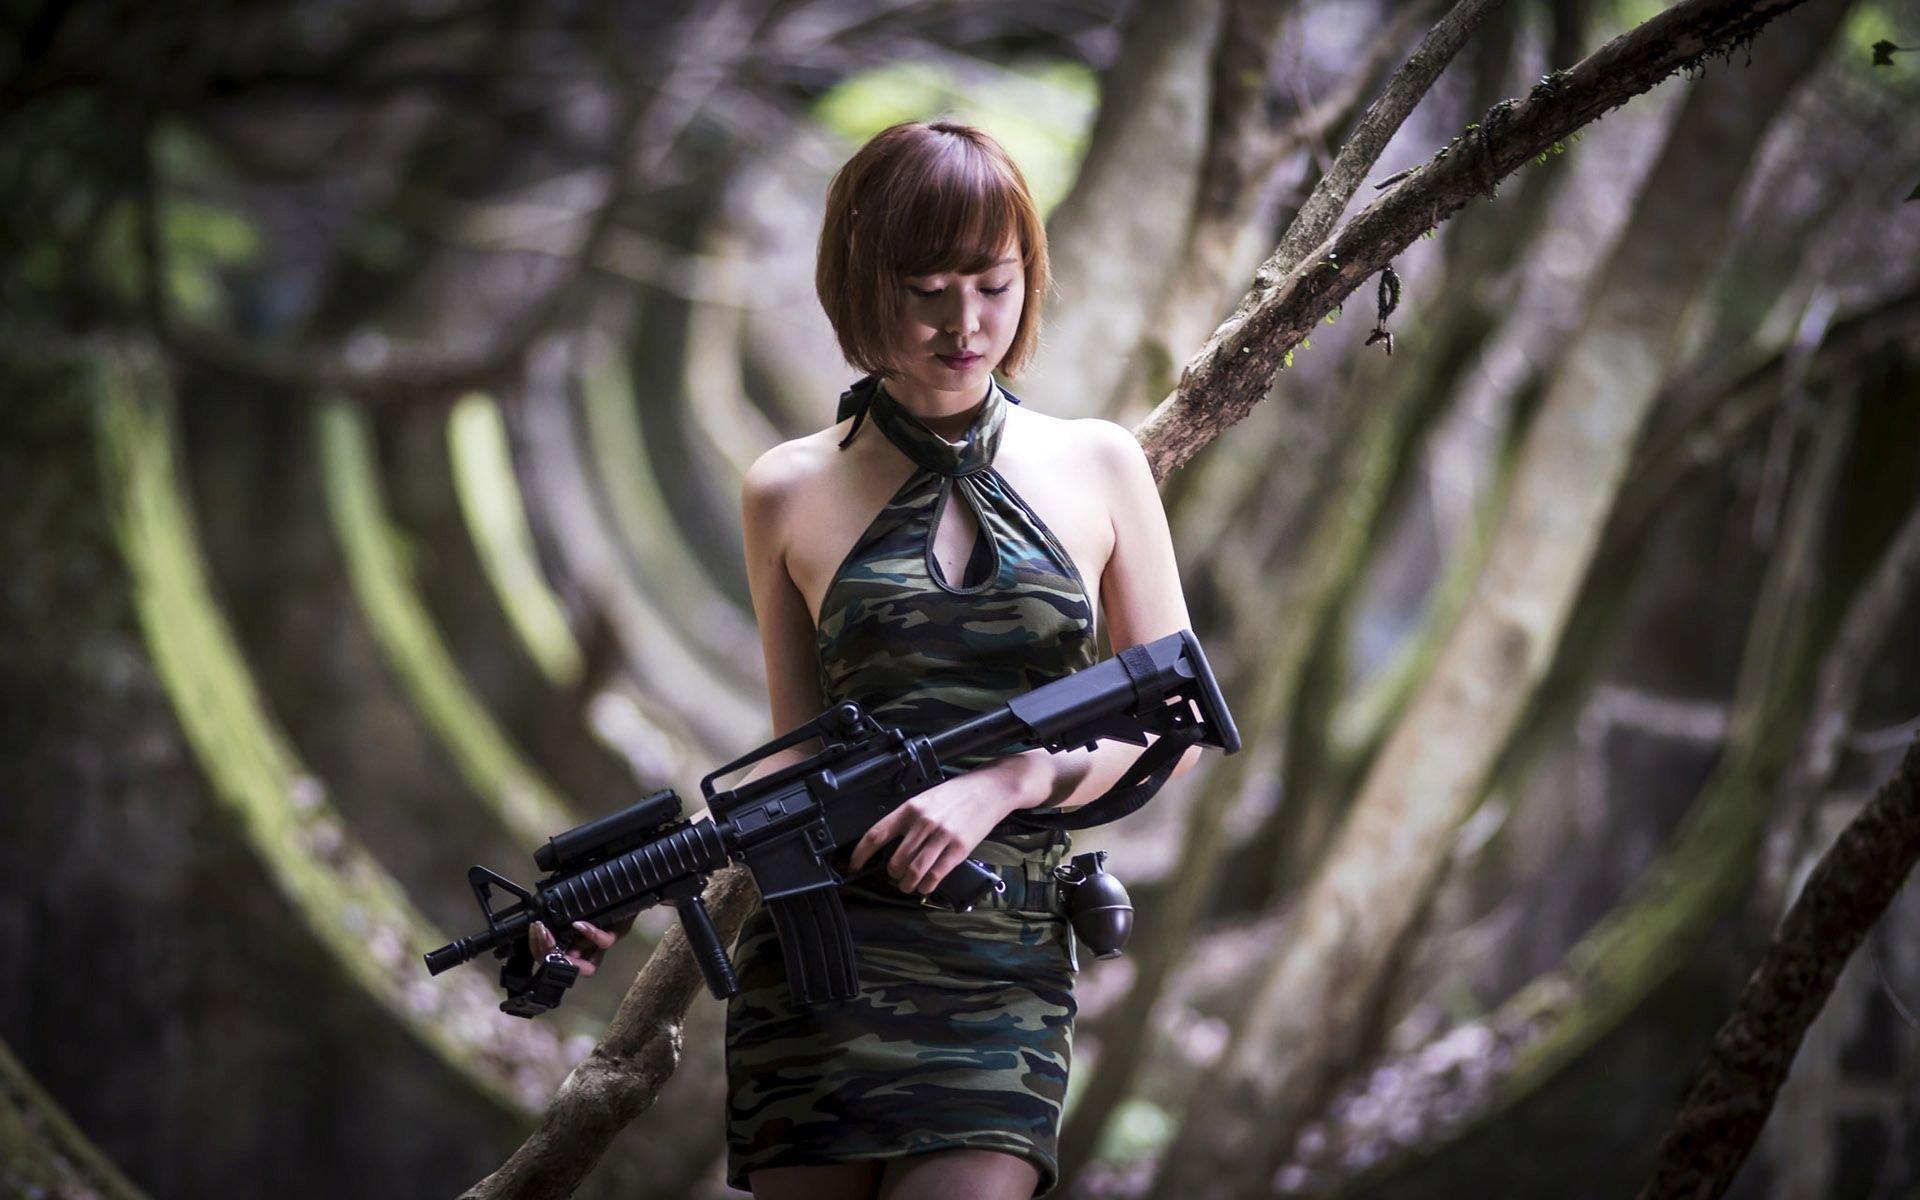 Телки в военной форме, Порно фото из категории Военные - 26 эротических фото 10 фотография